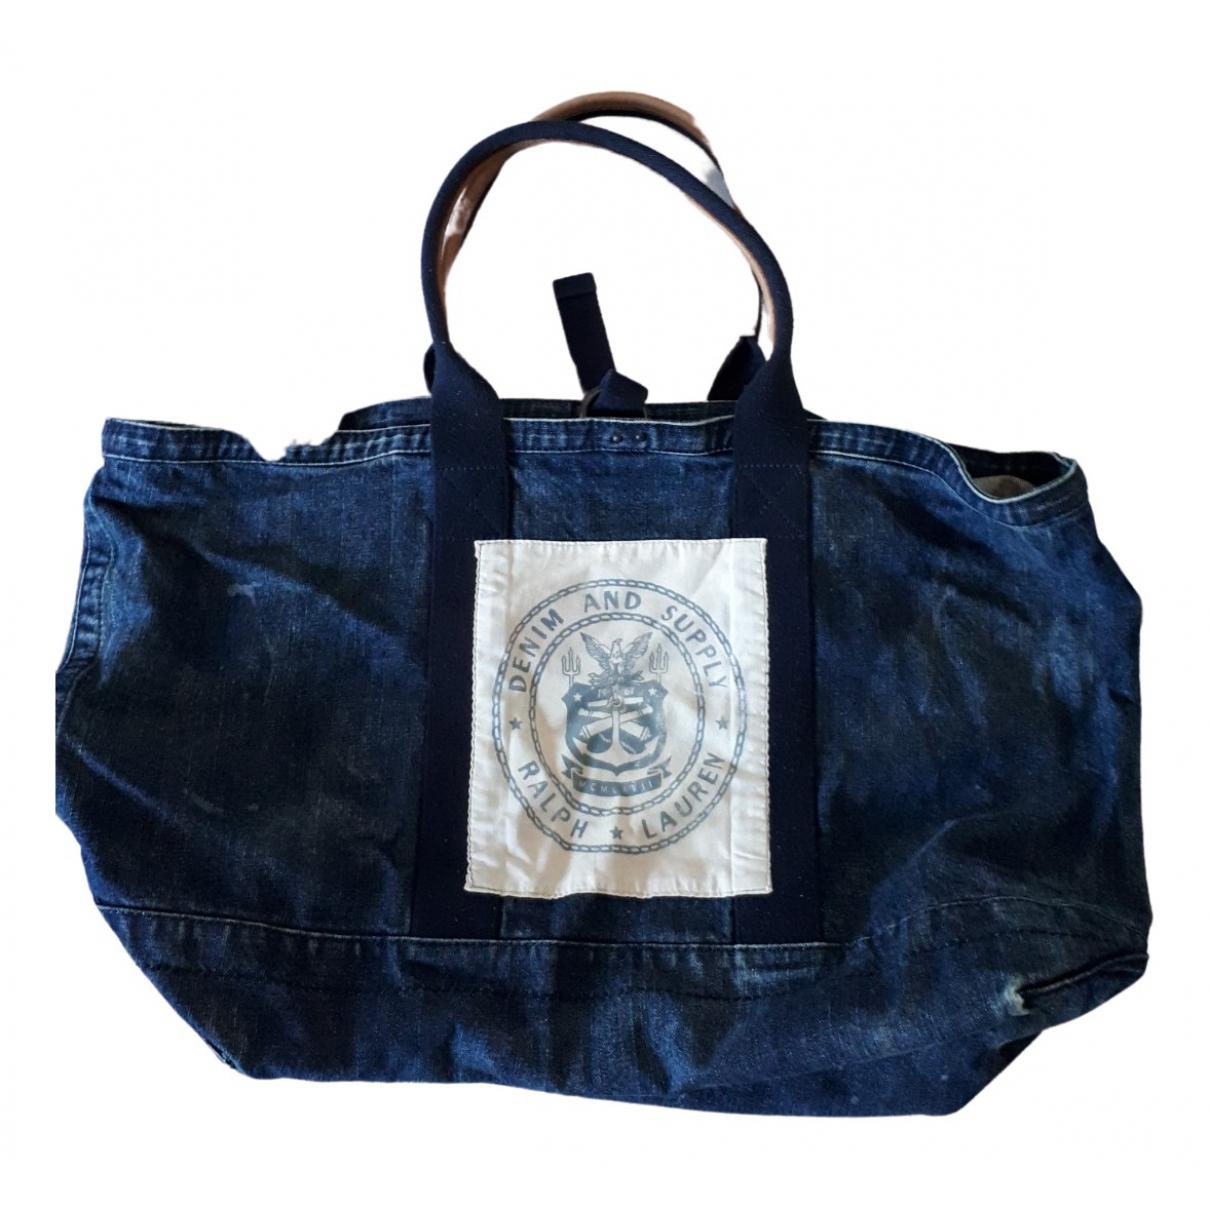 Ralph Lauren \N Blue Denim - Jeans handbag for Women \N